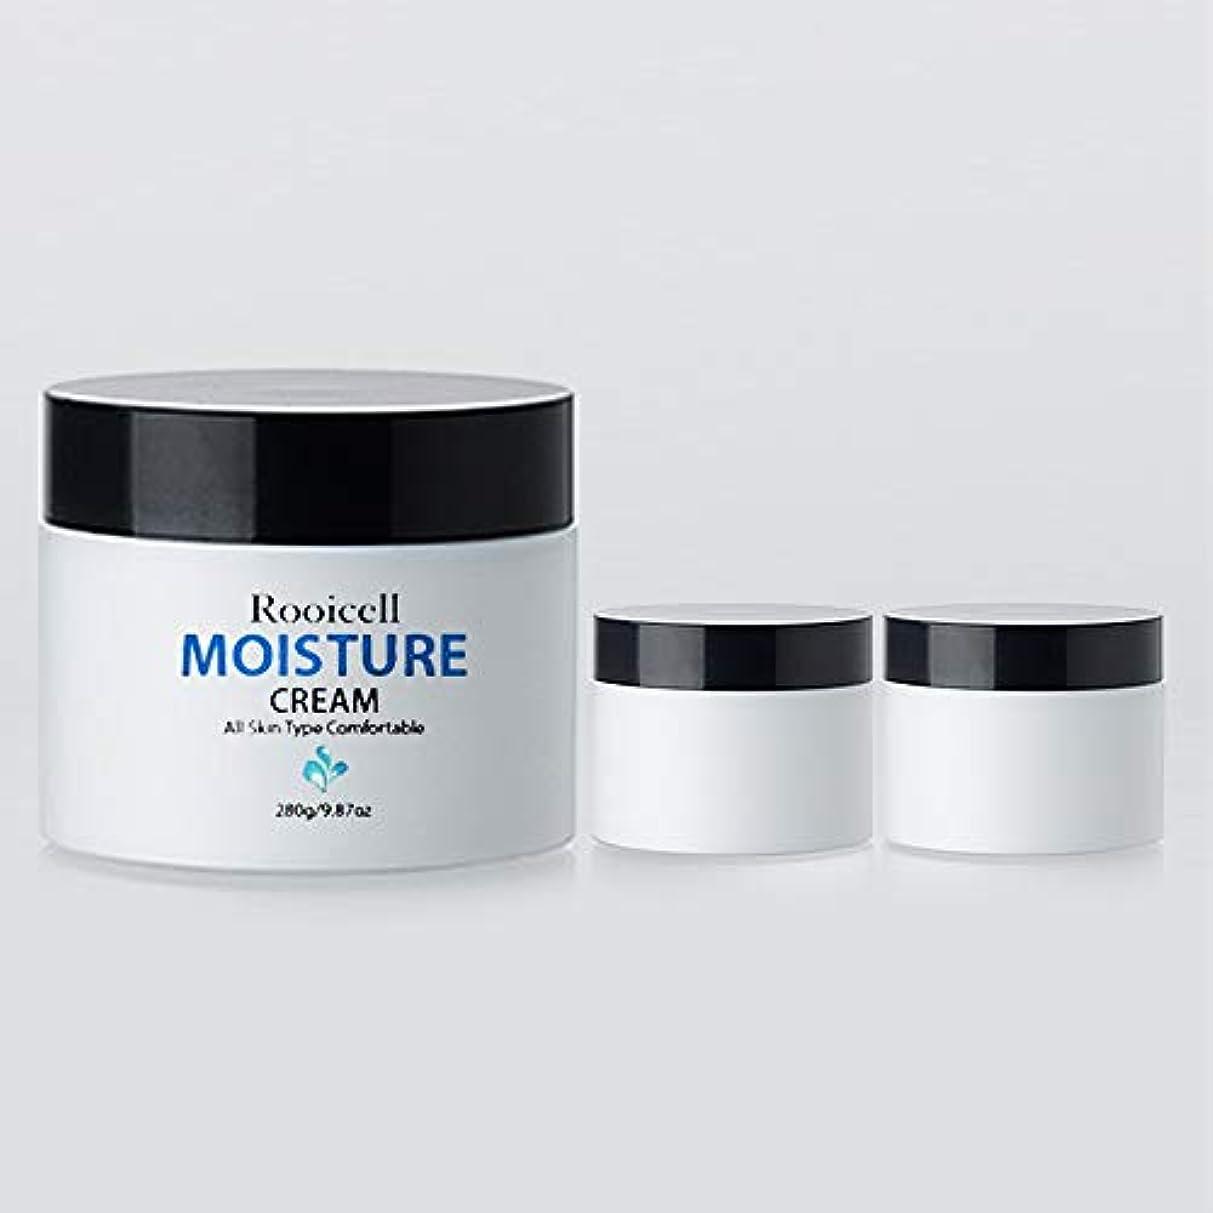 有限活発アマゾンジャングル[ Rooicell ] ルイセル モイスチャークリーム 280g Korea cosmetic (moisture cream 280g)